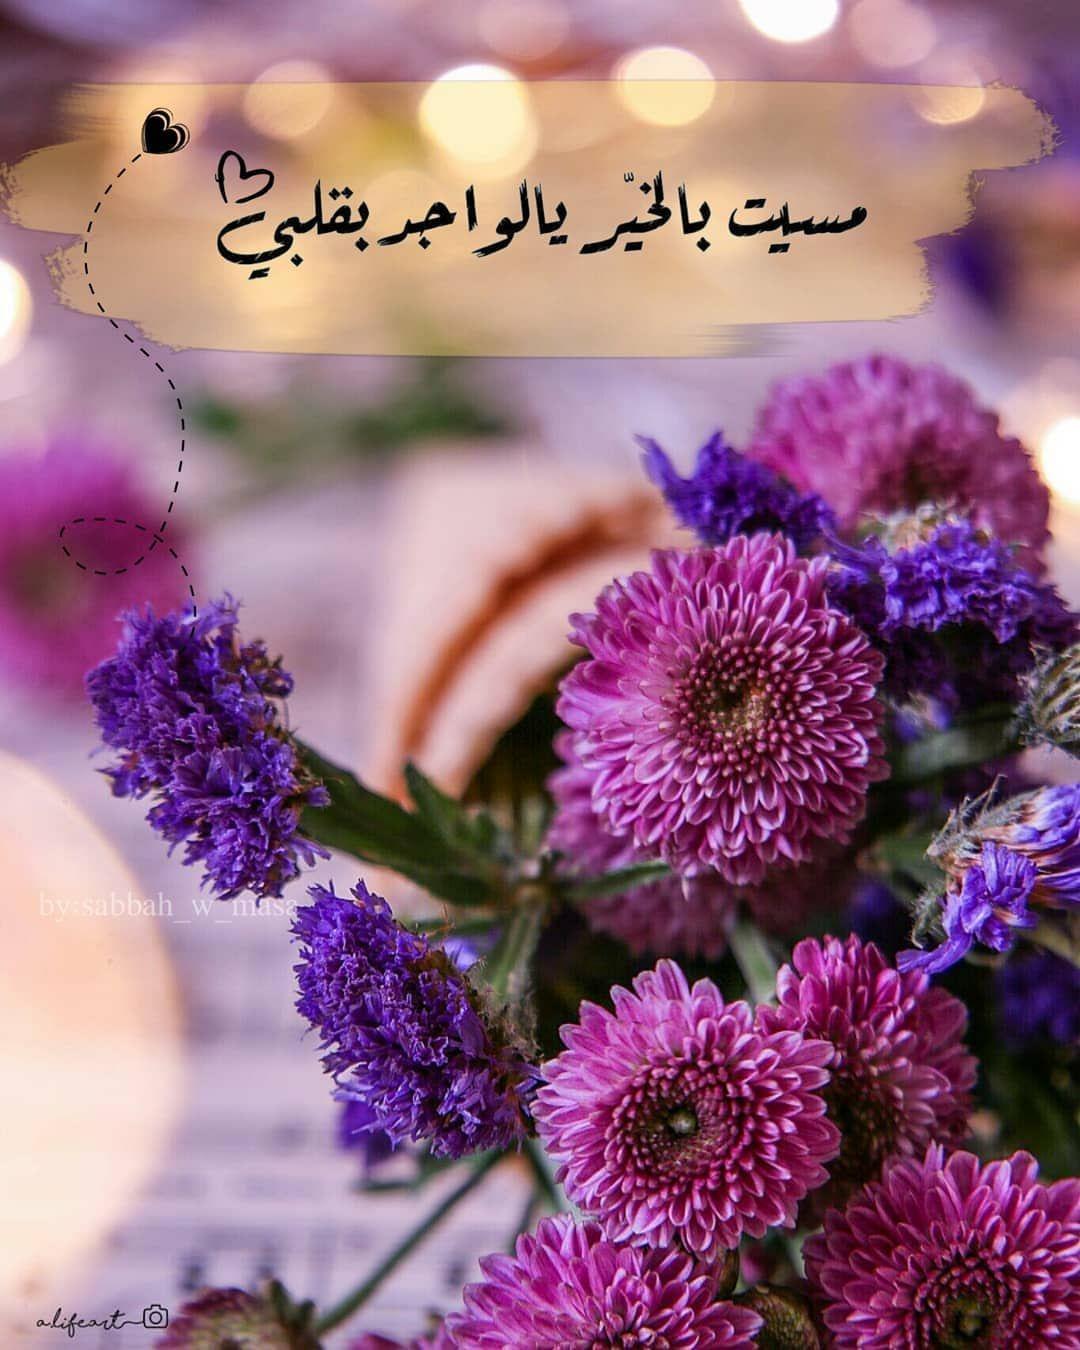 صبح و مساء On Instagram مسيت بالخير يا الواجد بقلبي مساء الورد تصميم ت Beautiful Quran Quotes Good Morning Arabic Evening Quotes